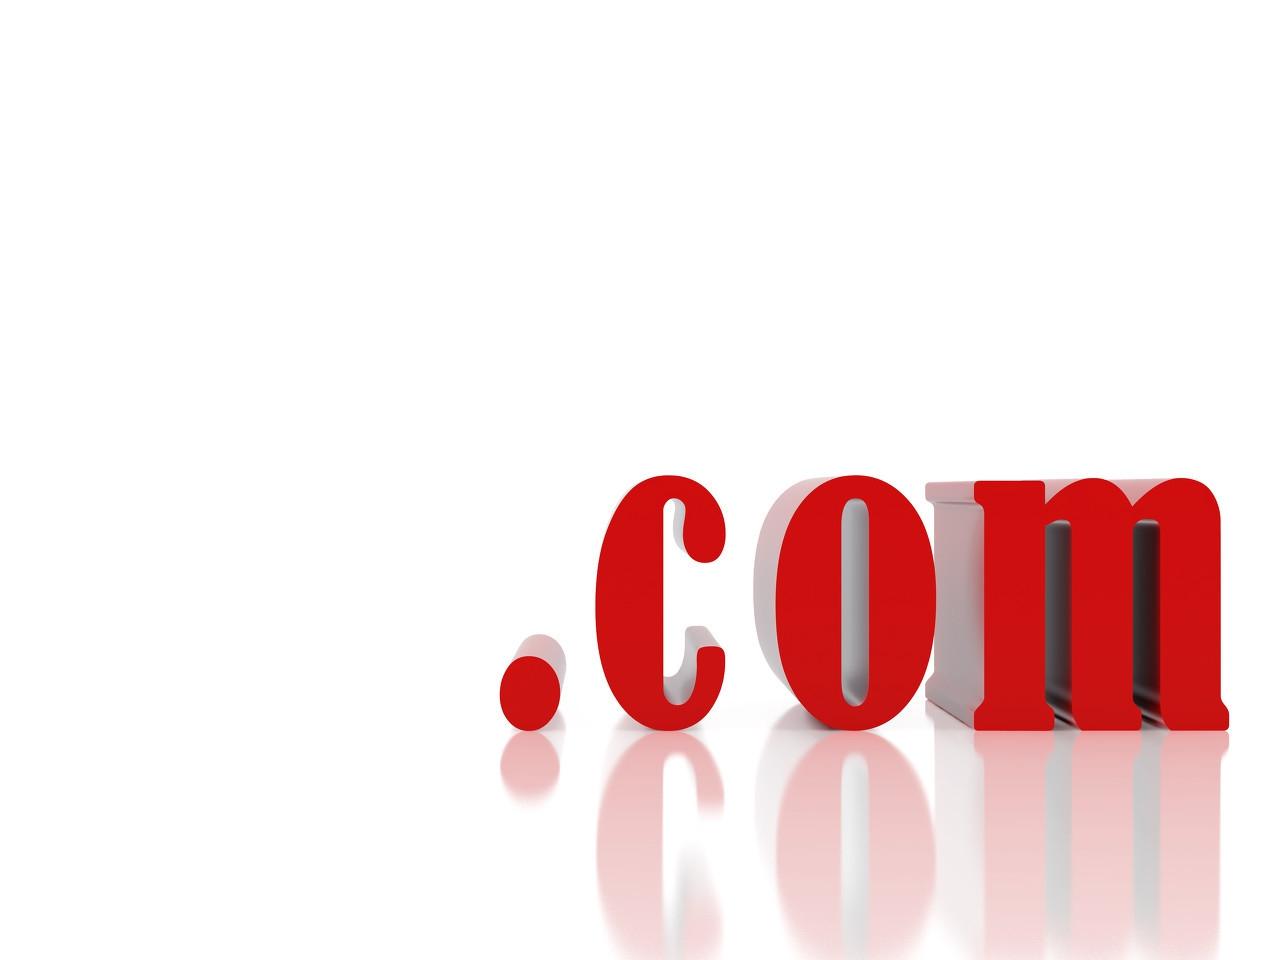 西安做网站的公司哪家好(西安网页设计流程和费用)